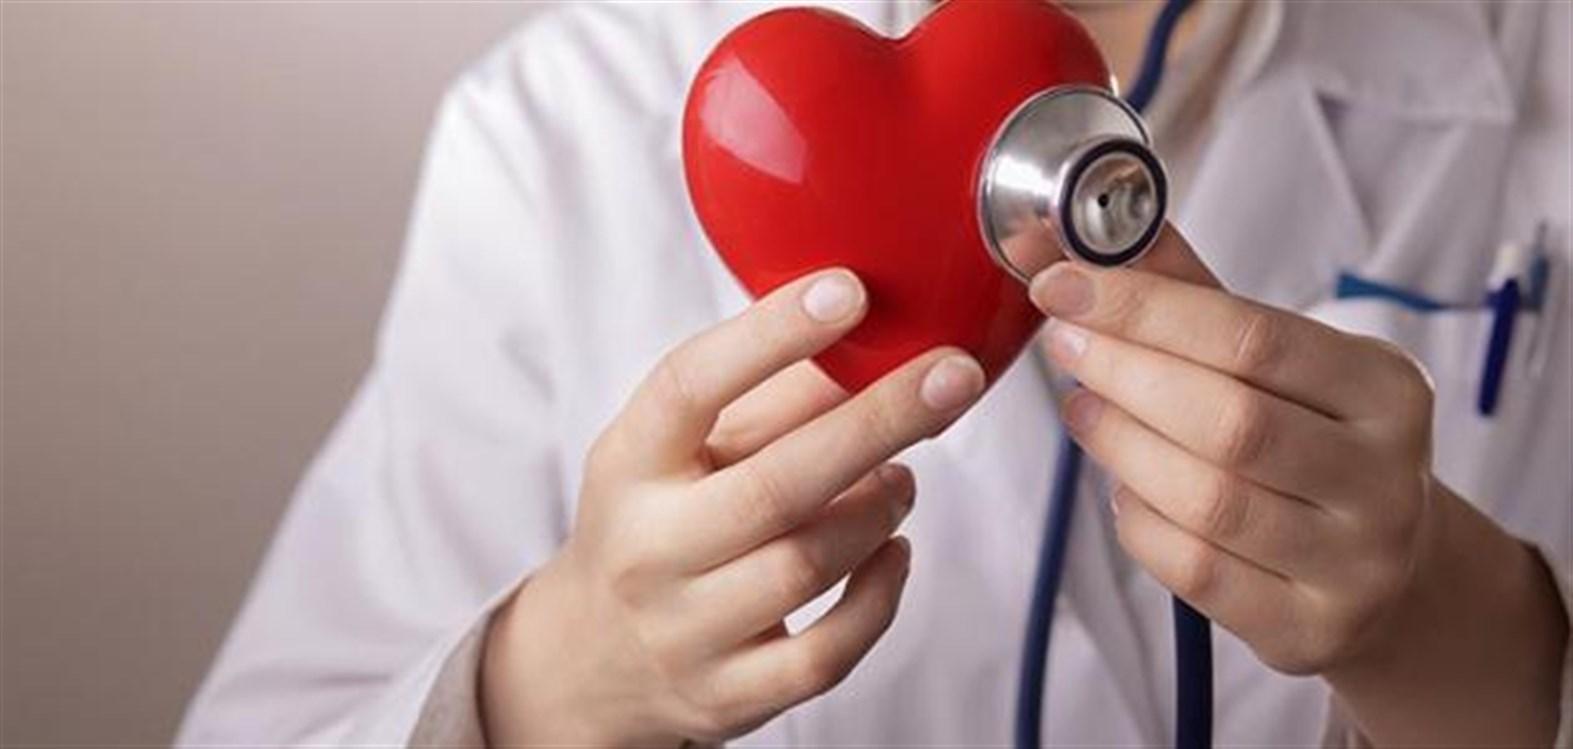 ما هي أسباب خفقان القلب قبل النوم البيان الصحي حياة البيان